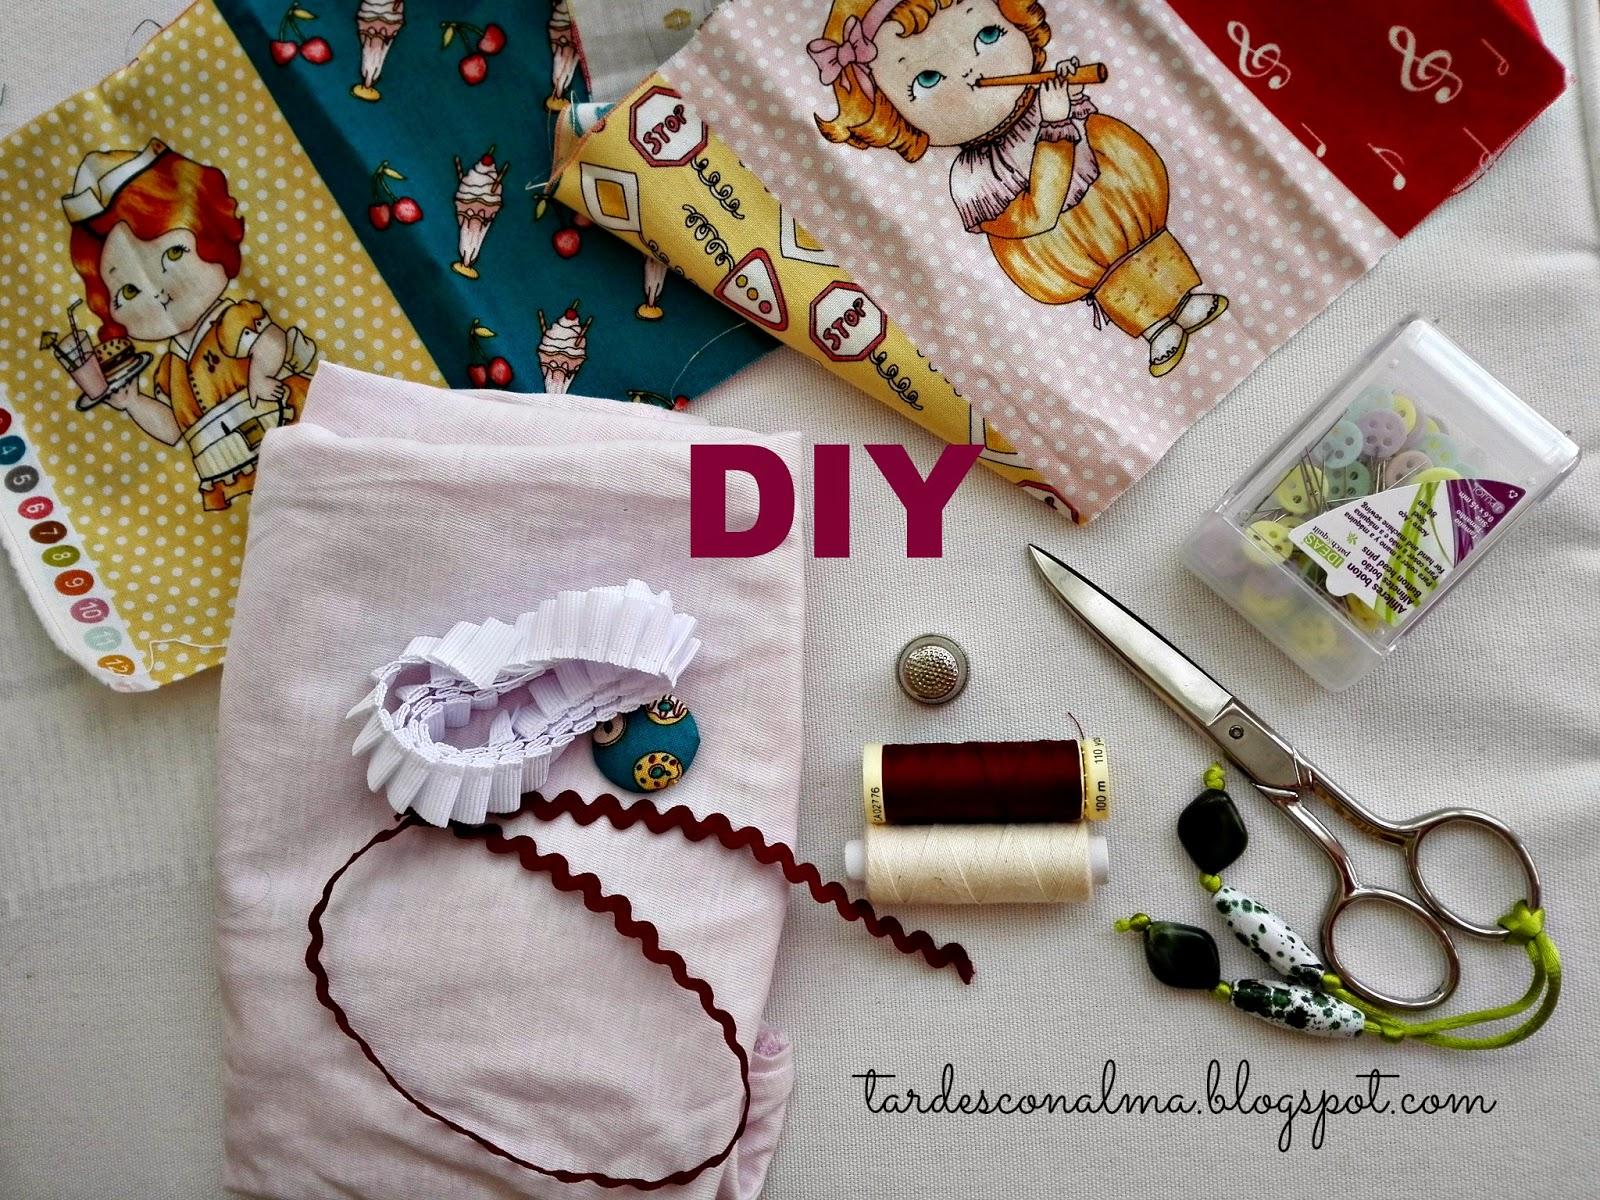 piculina, hilos, alfileres, dedal, tijera, botón forrado, cinta plisada, tela muñecas recortables